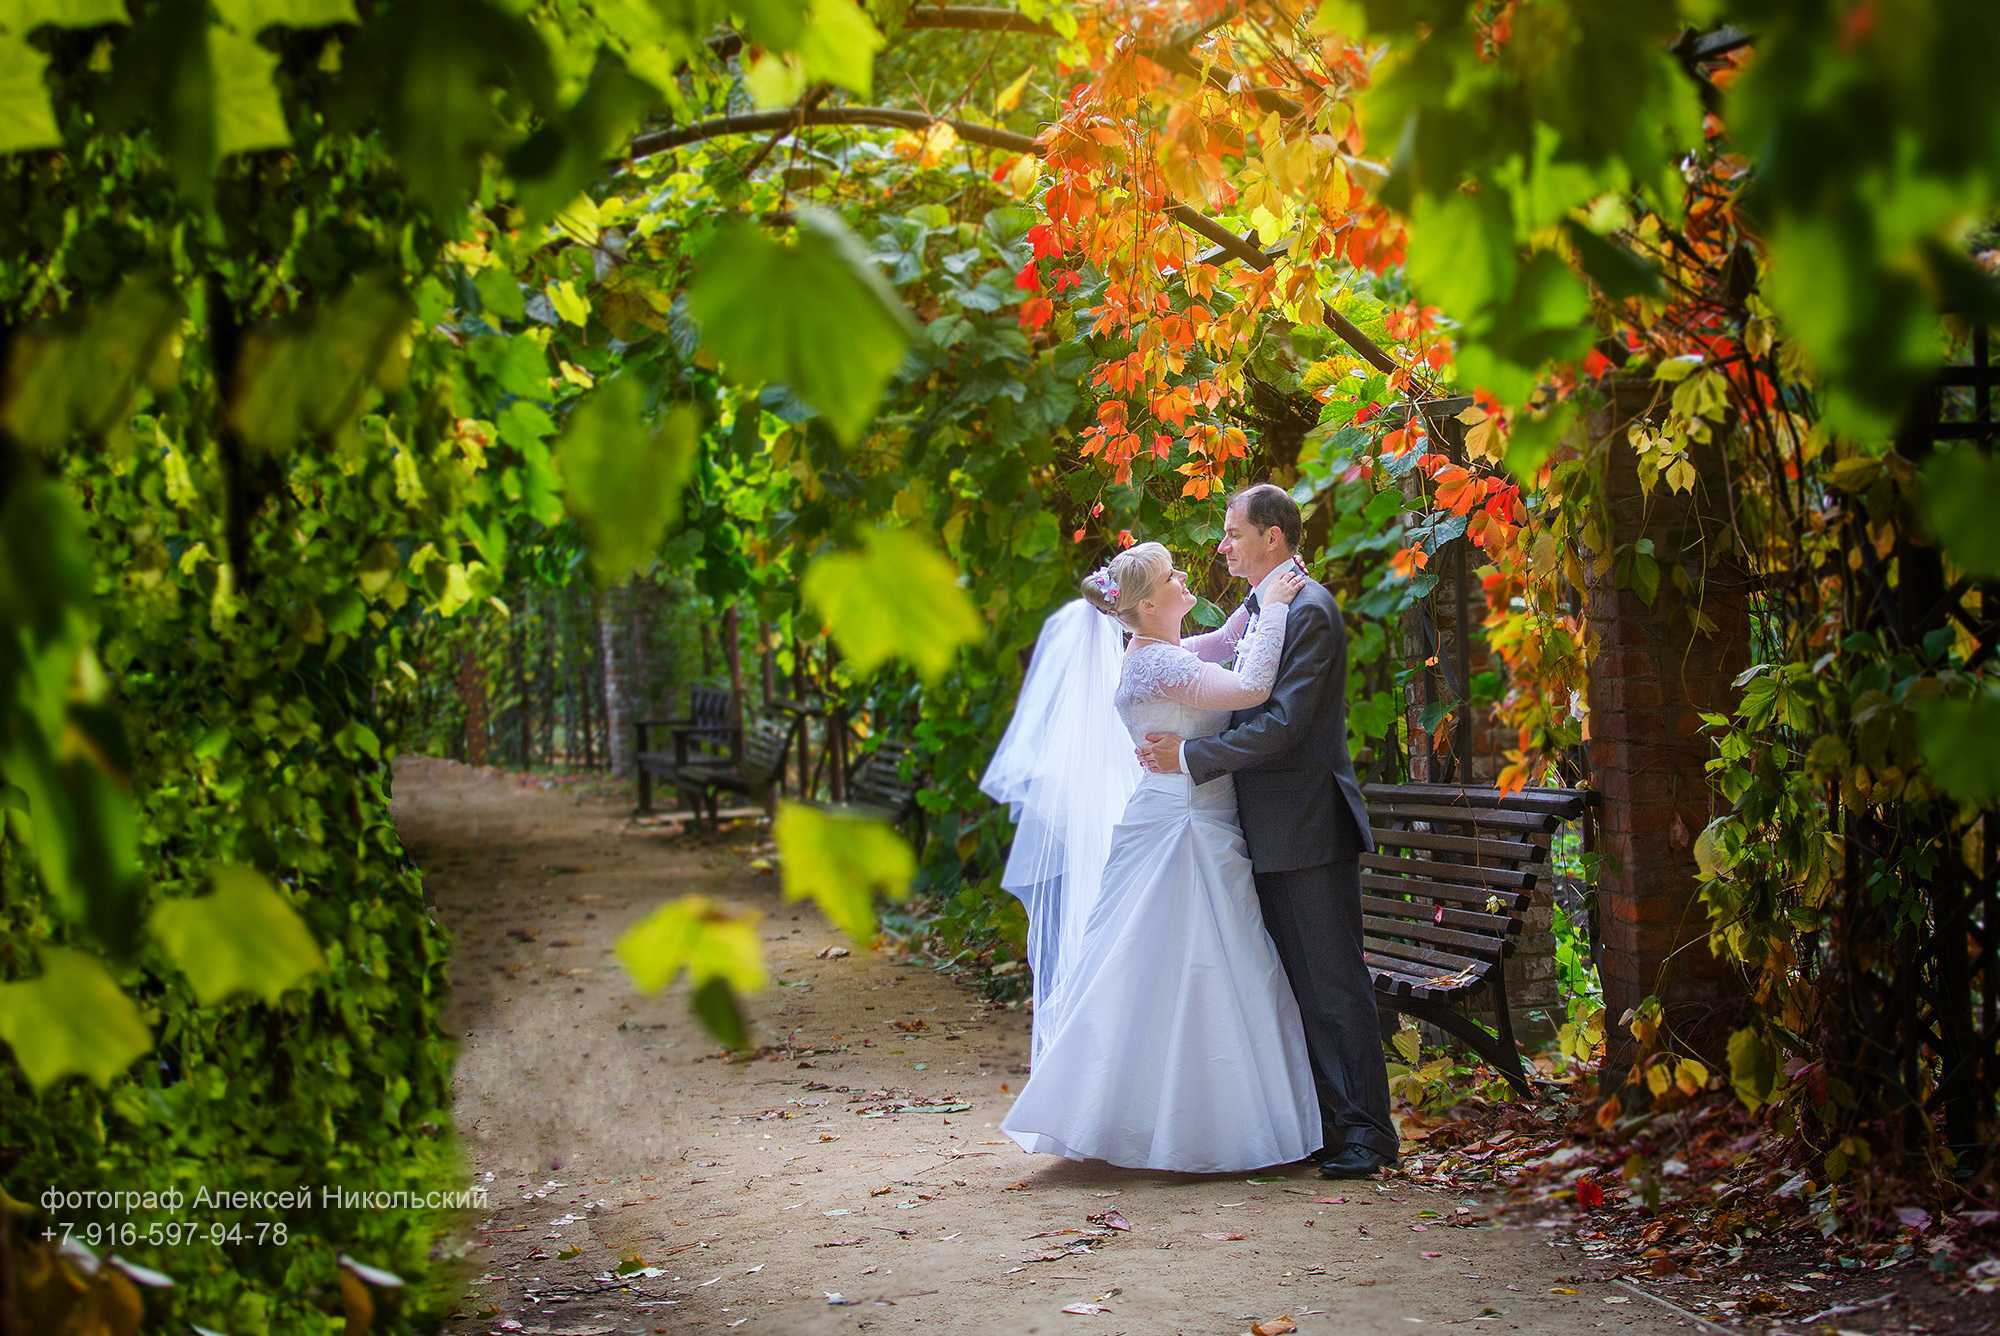 Фотосъемка полных невест, красивая осенняя фотосесесия